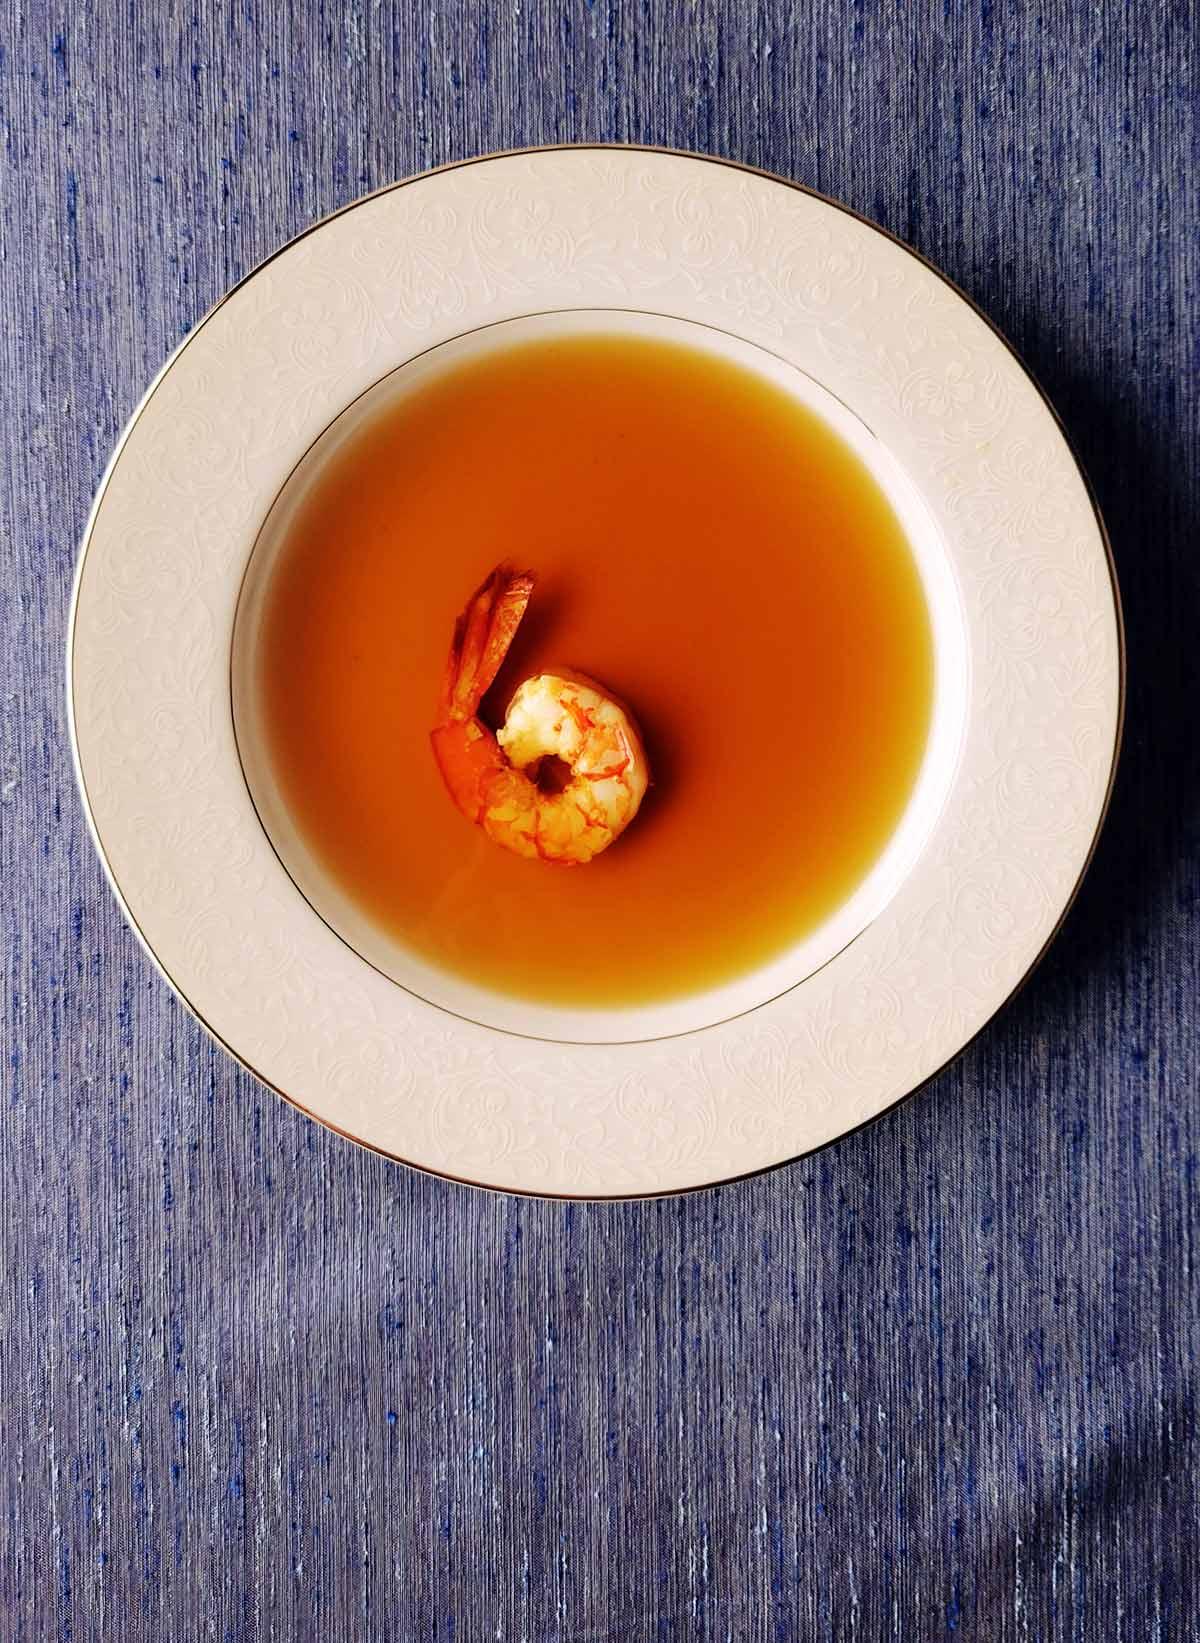 A bowl of shrimp stock